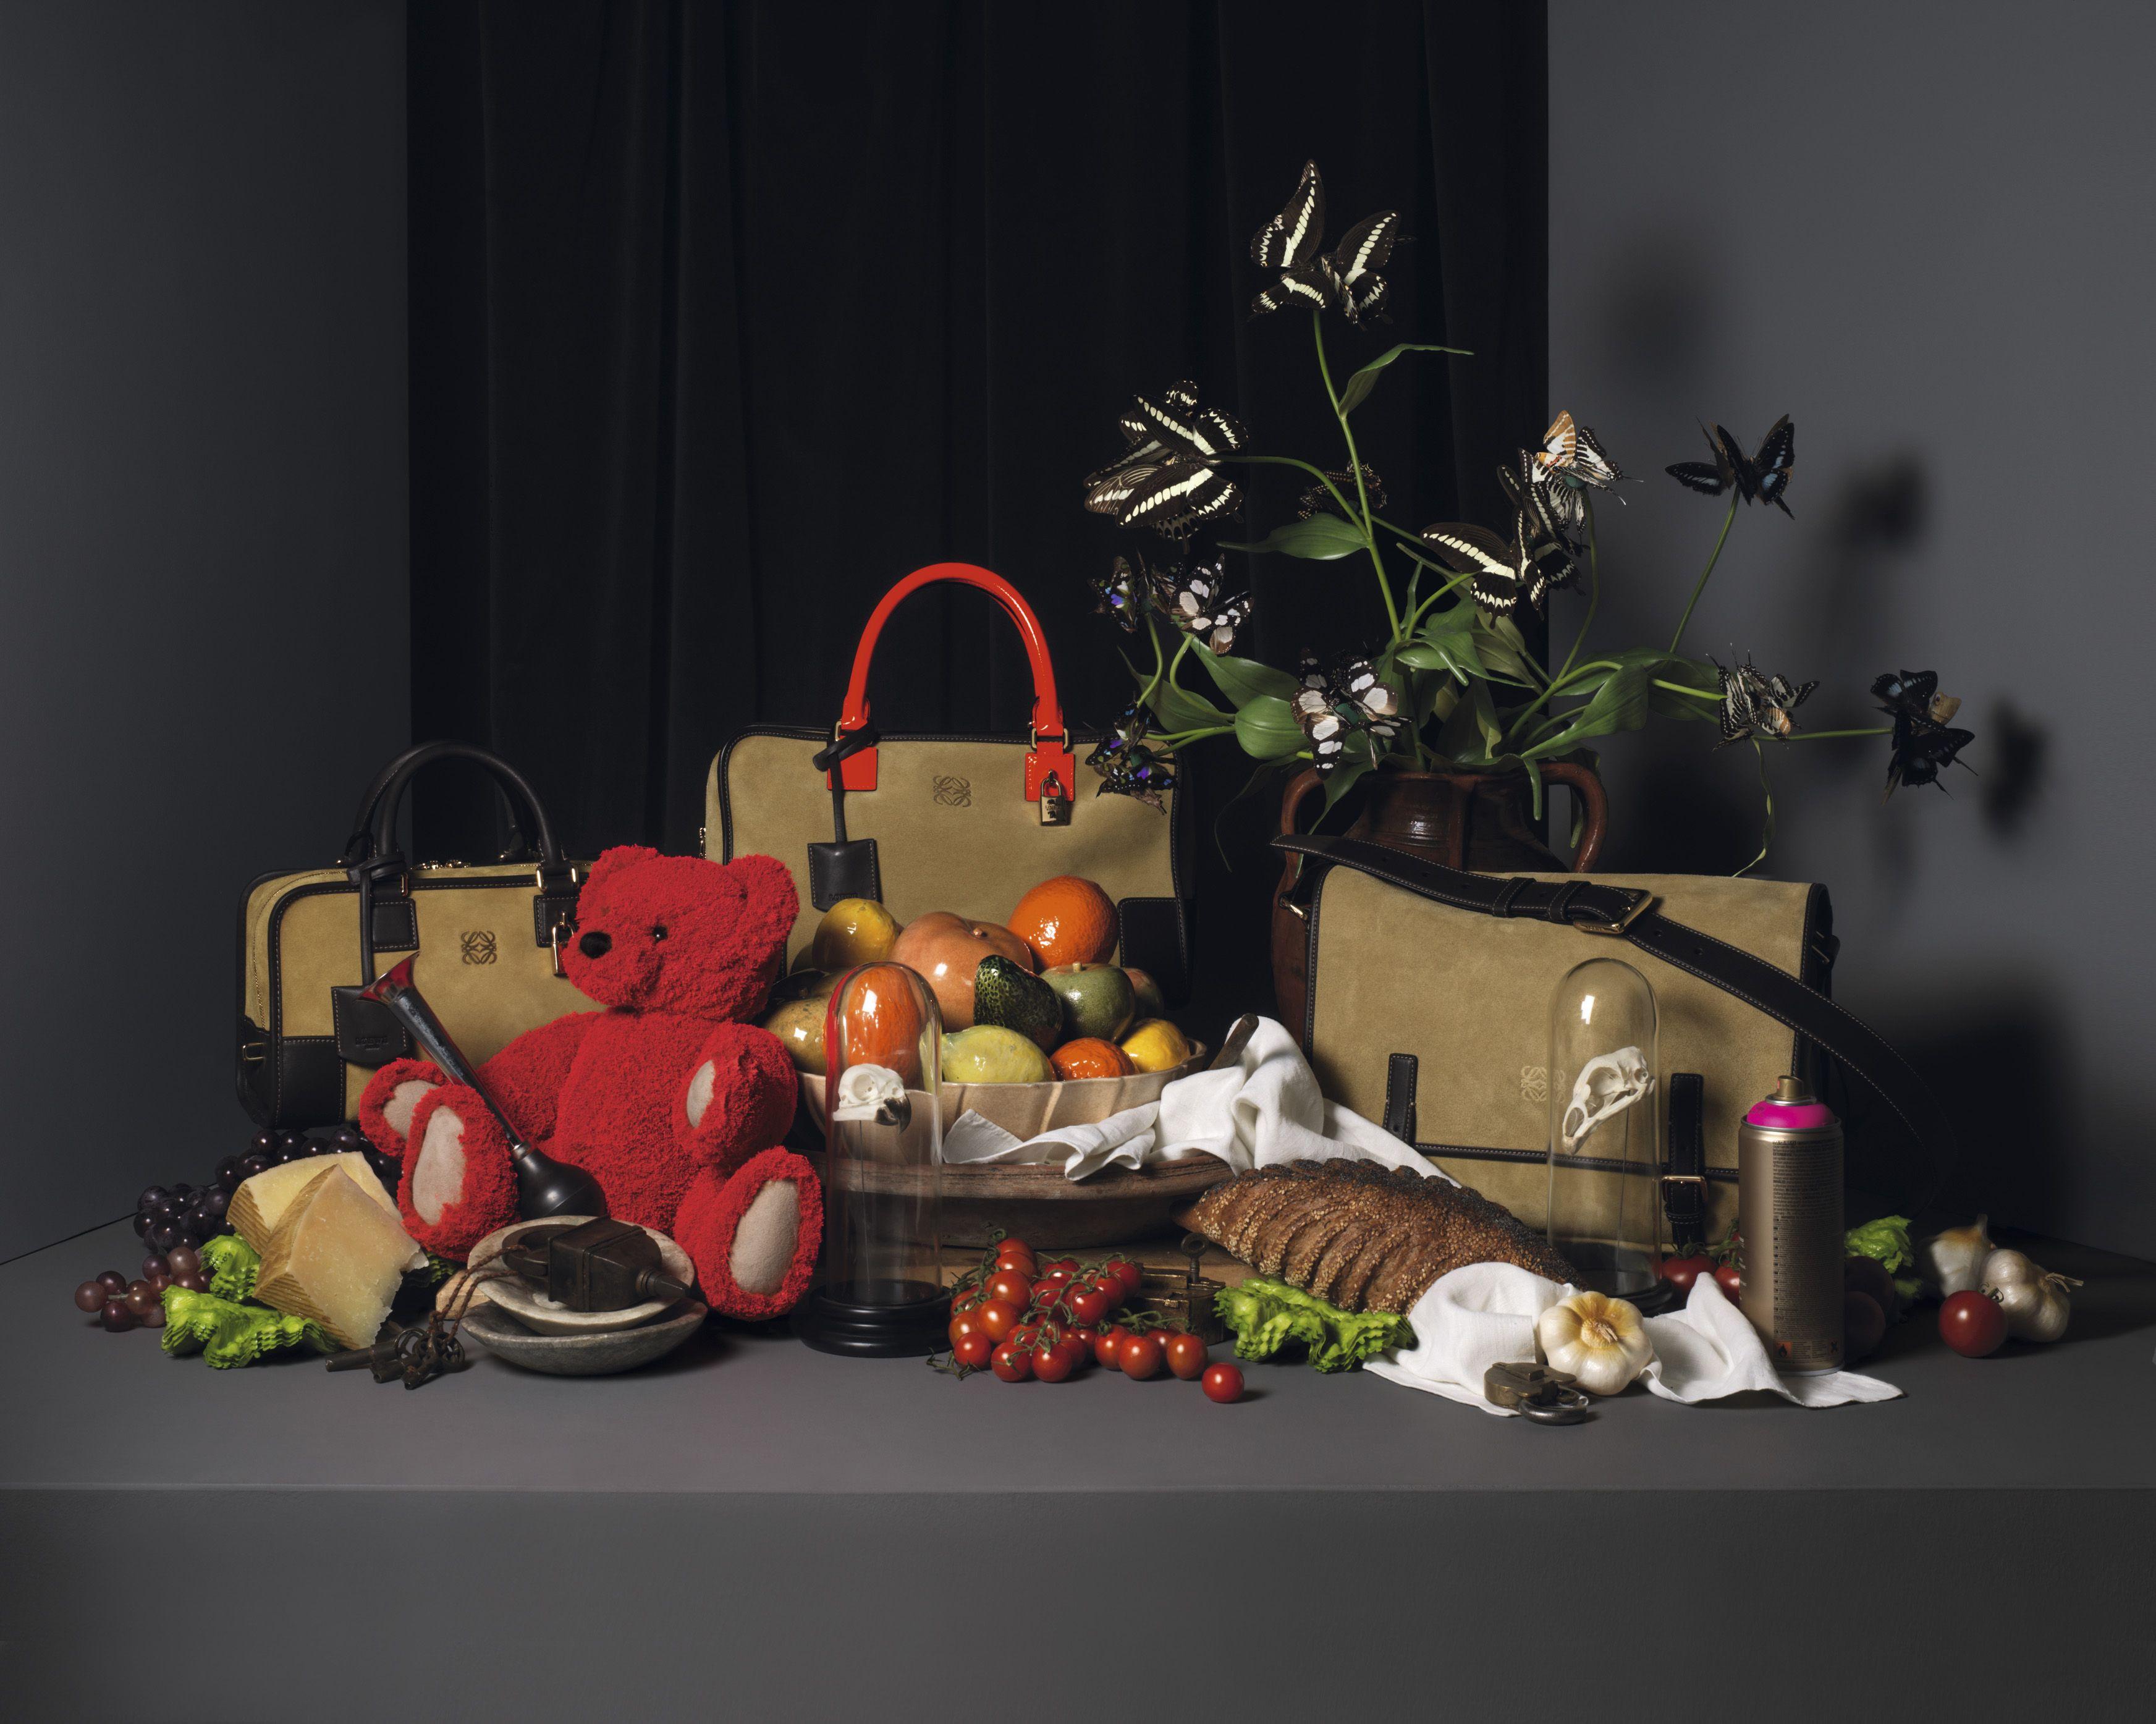 Oro Suede 'Amazona' 28 Bag.  Oro Suede 'Amazona' Bag with orange handles.  Oro Suede 'Amazona' Horizontal satchel.